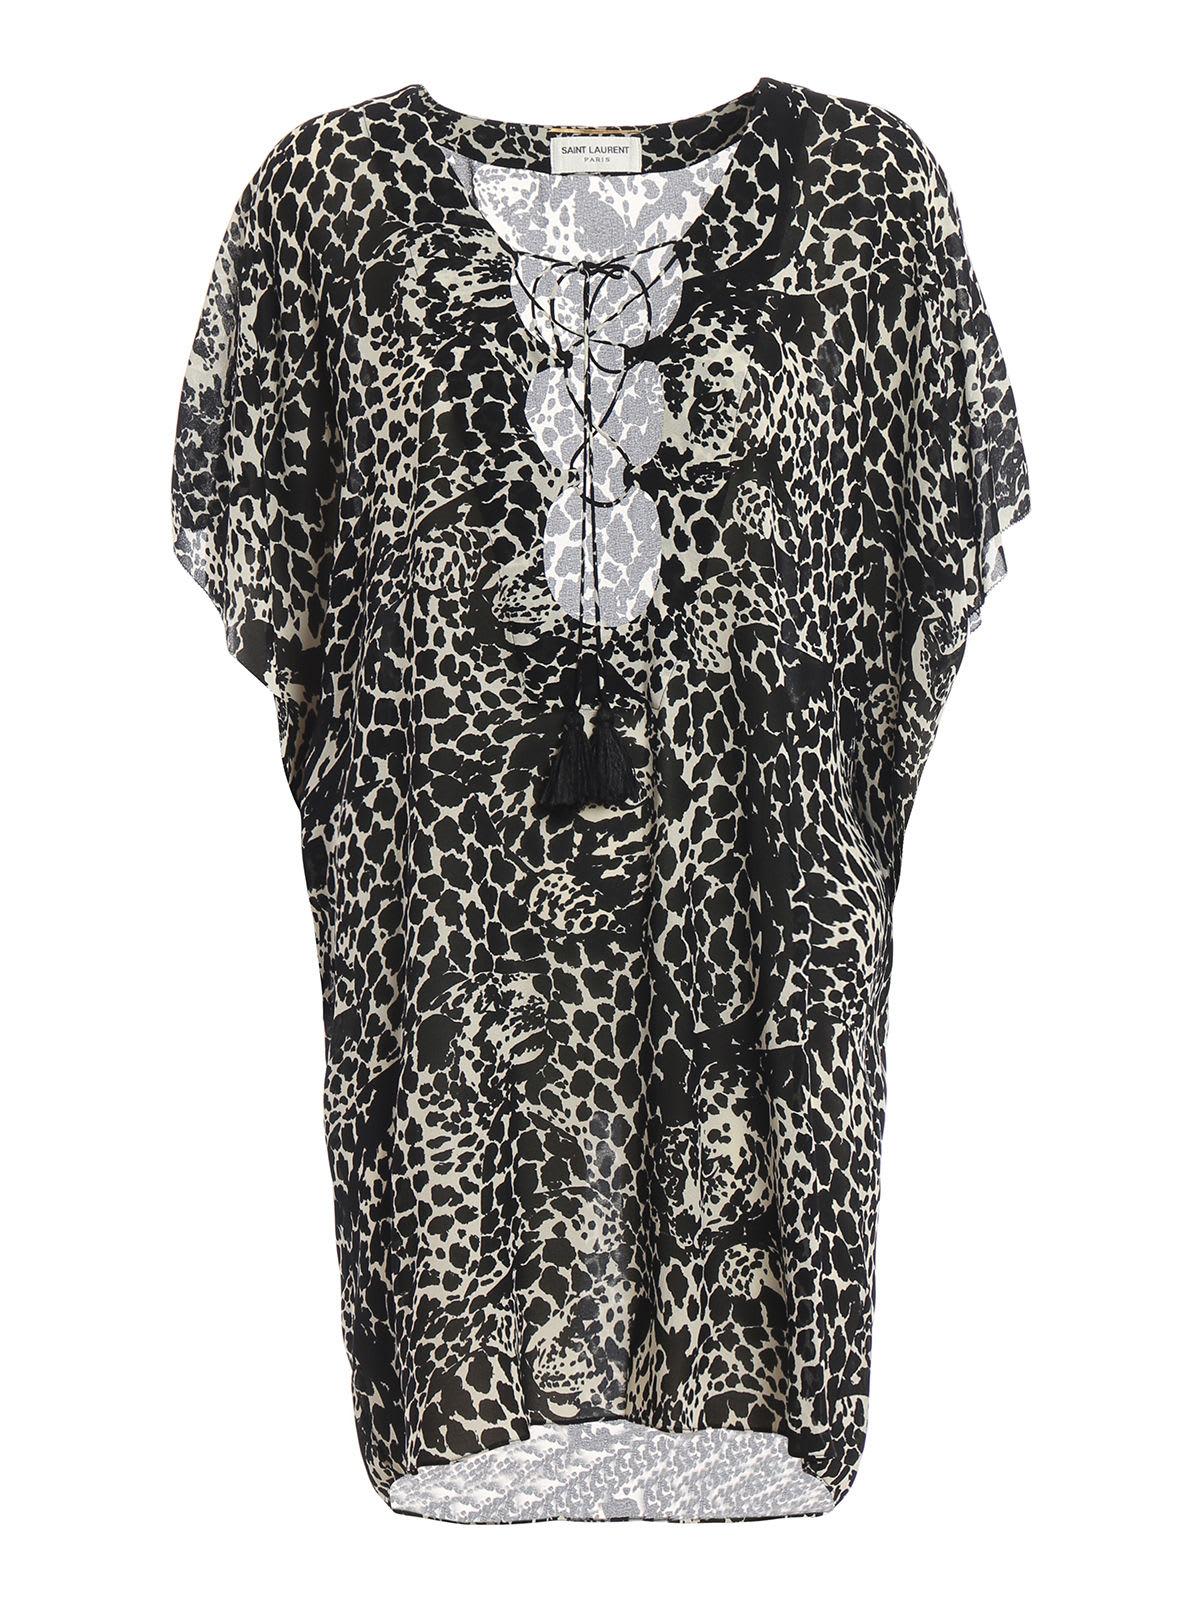 Saint Laurent Leopard Dress